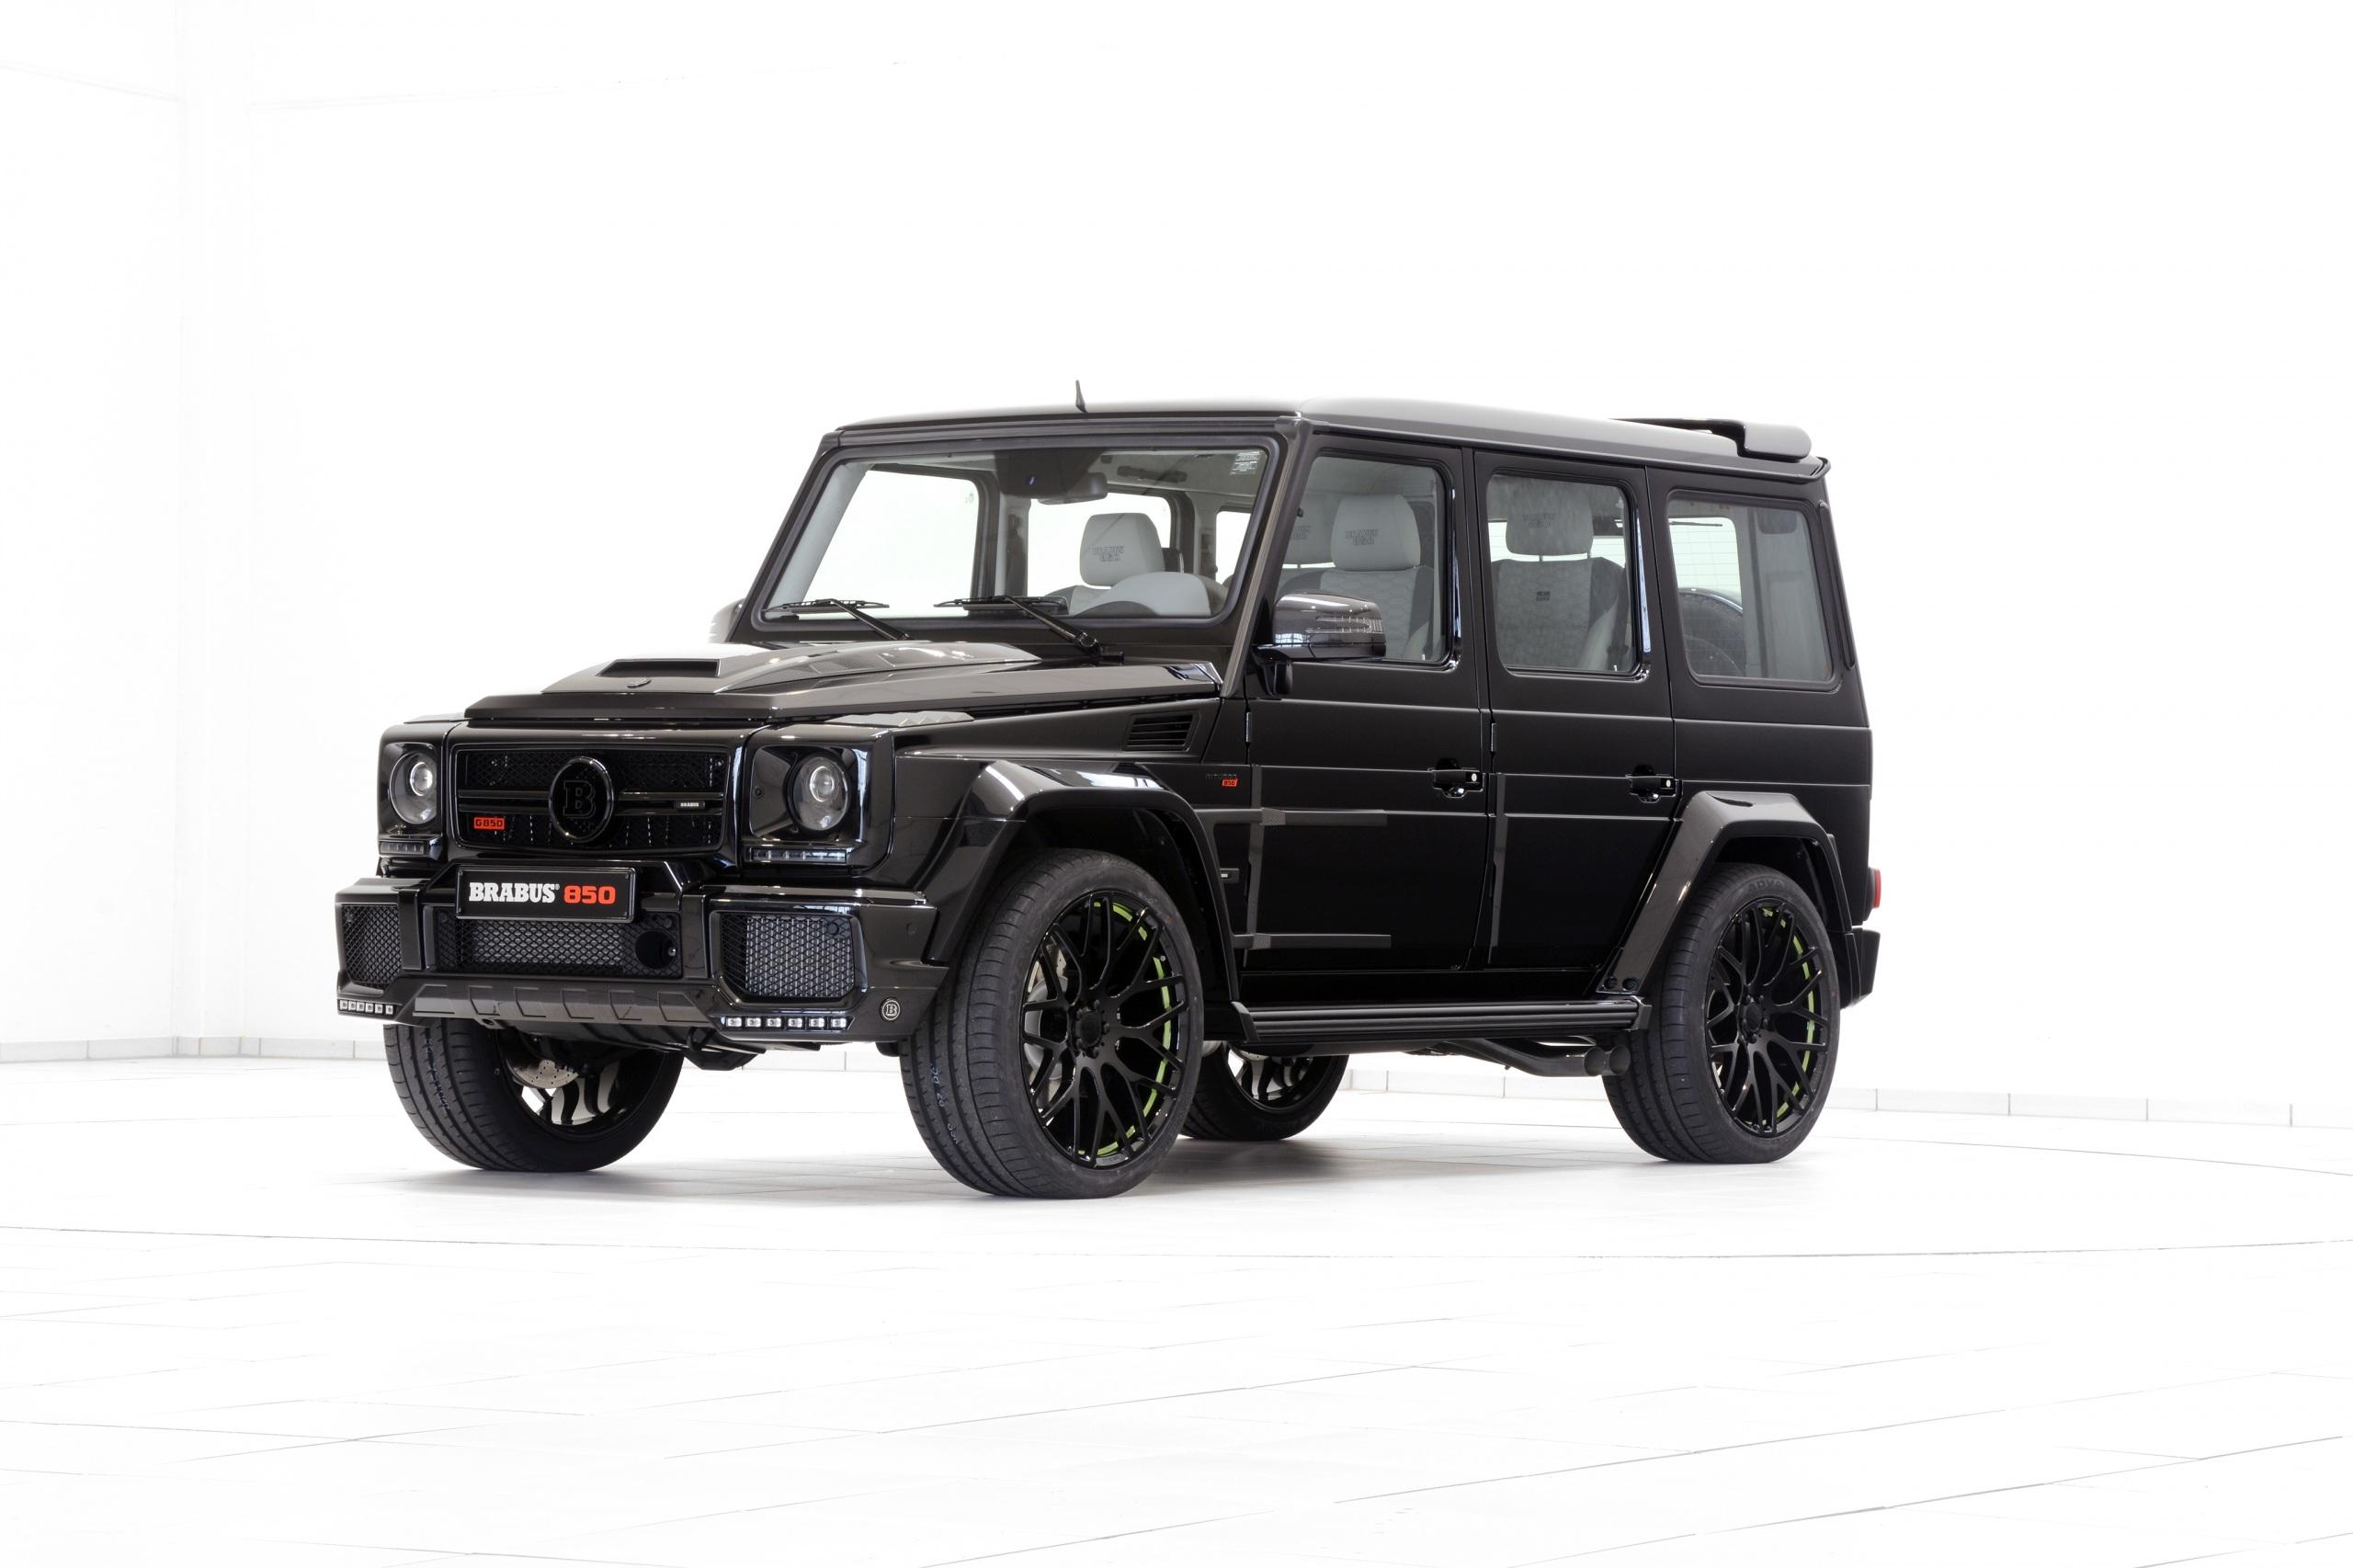 Фотография Mercedes-Benz G-класс W463 черных Автомобили 2560x1706 Мерседес бенц Гелентваген Черный черные черная авто машина машины автомобиль